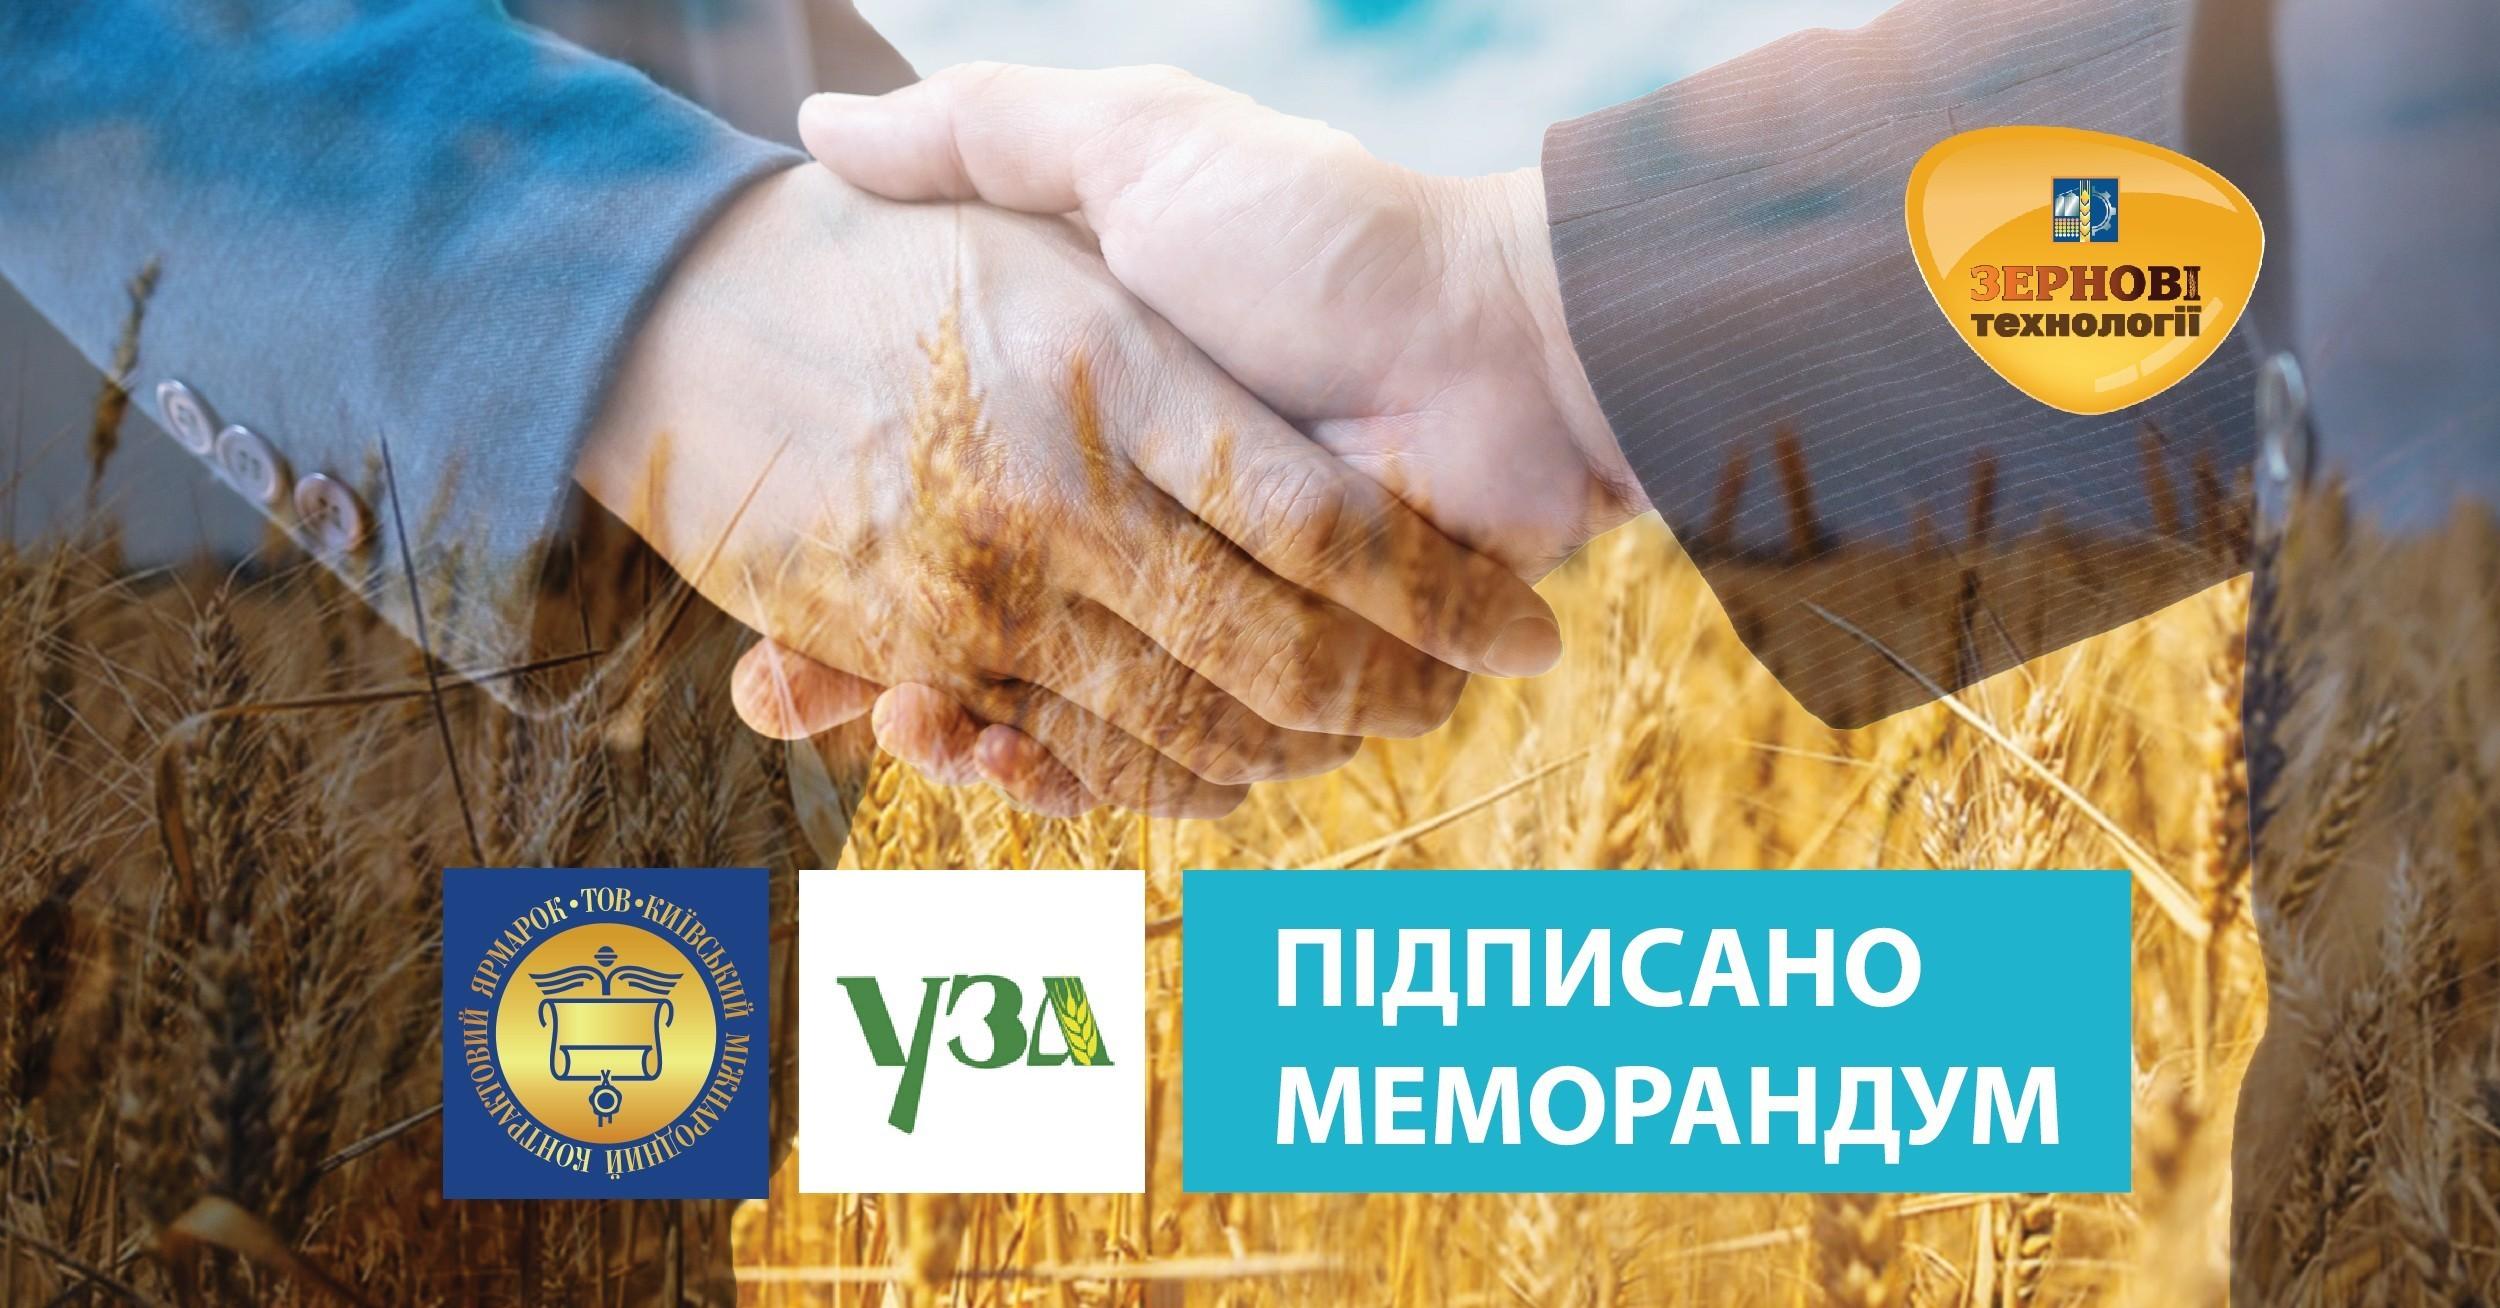 Київський міжнародний контрактовий ярмарок підписав меморандум про співпрацю з Українською зерновою асоціацією!